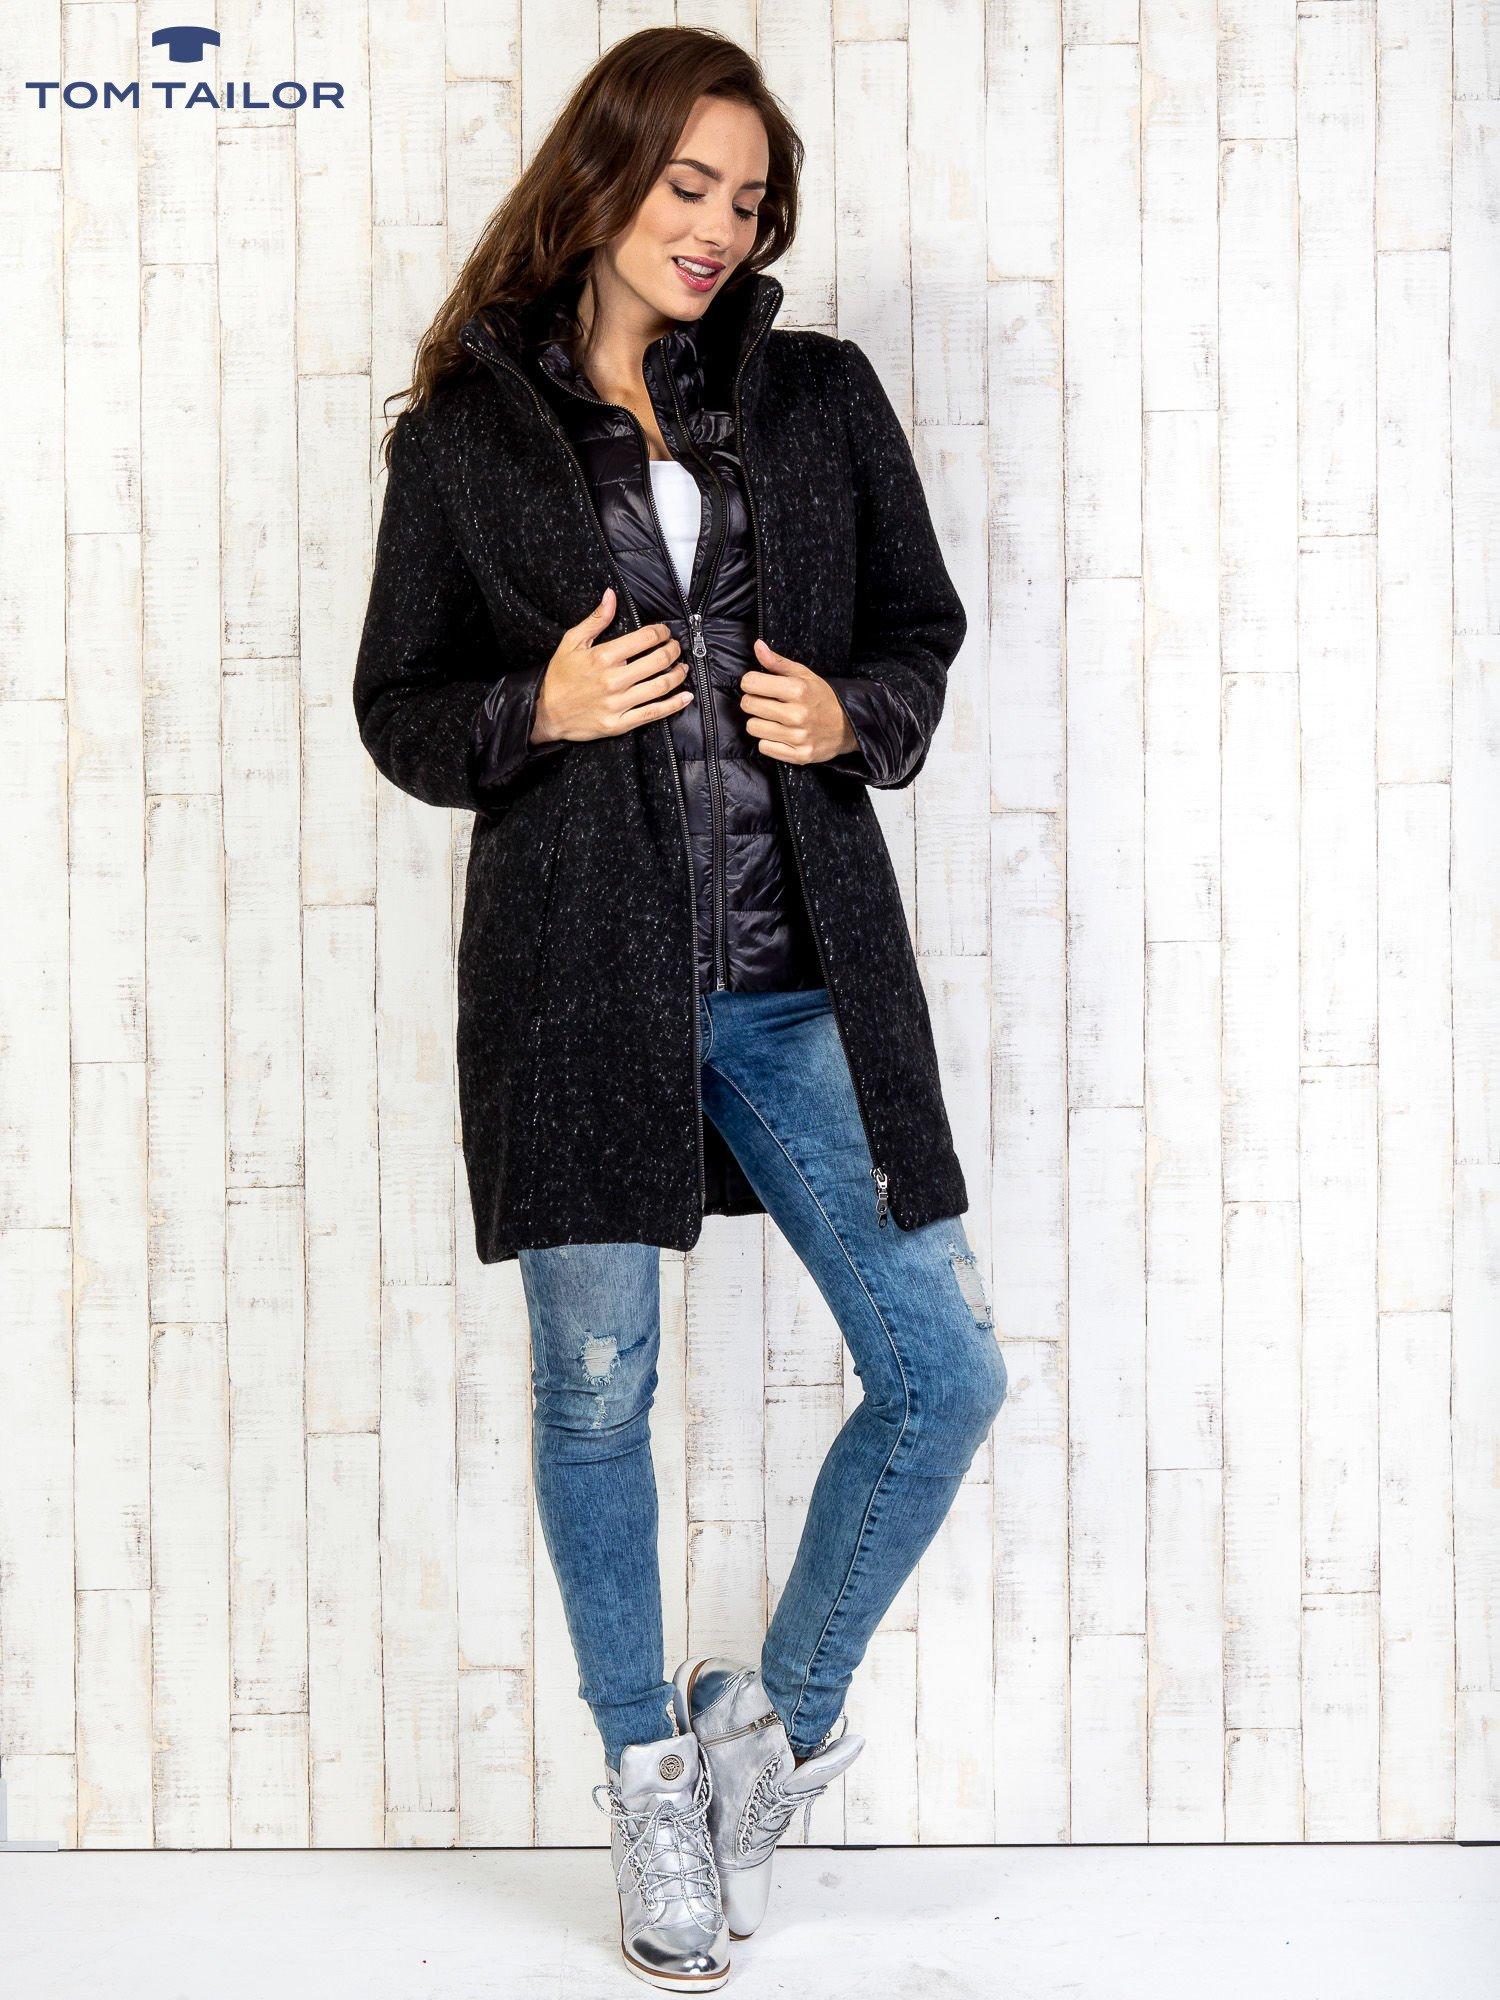 TOM TAILOR Czarny dwuczęściowy płaszcz z kurtką pikowaną                                  zdj.                                  2